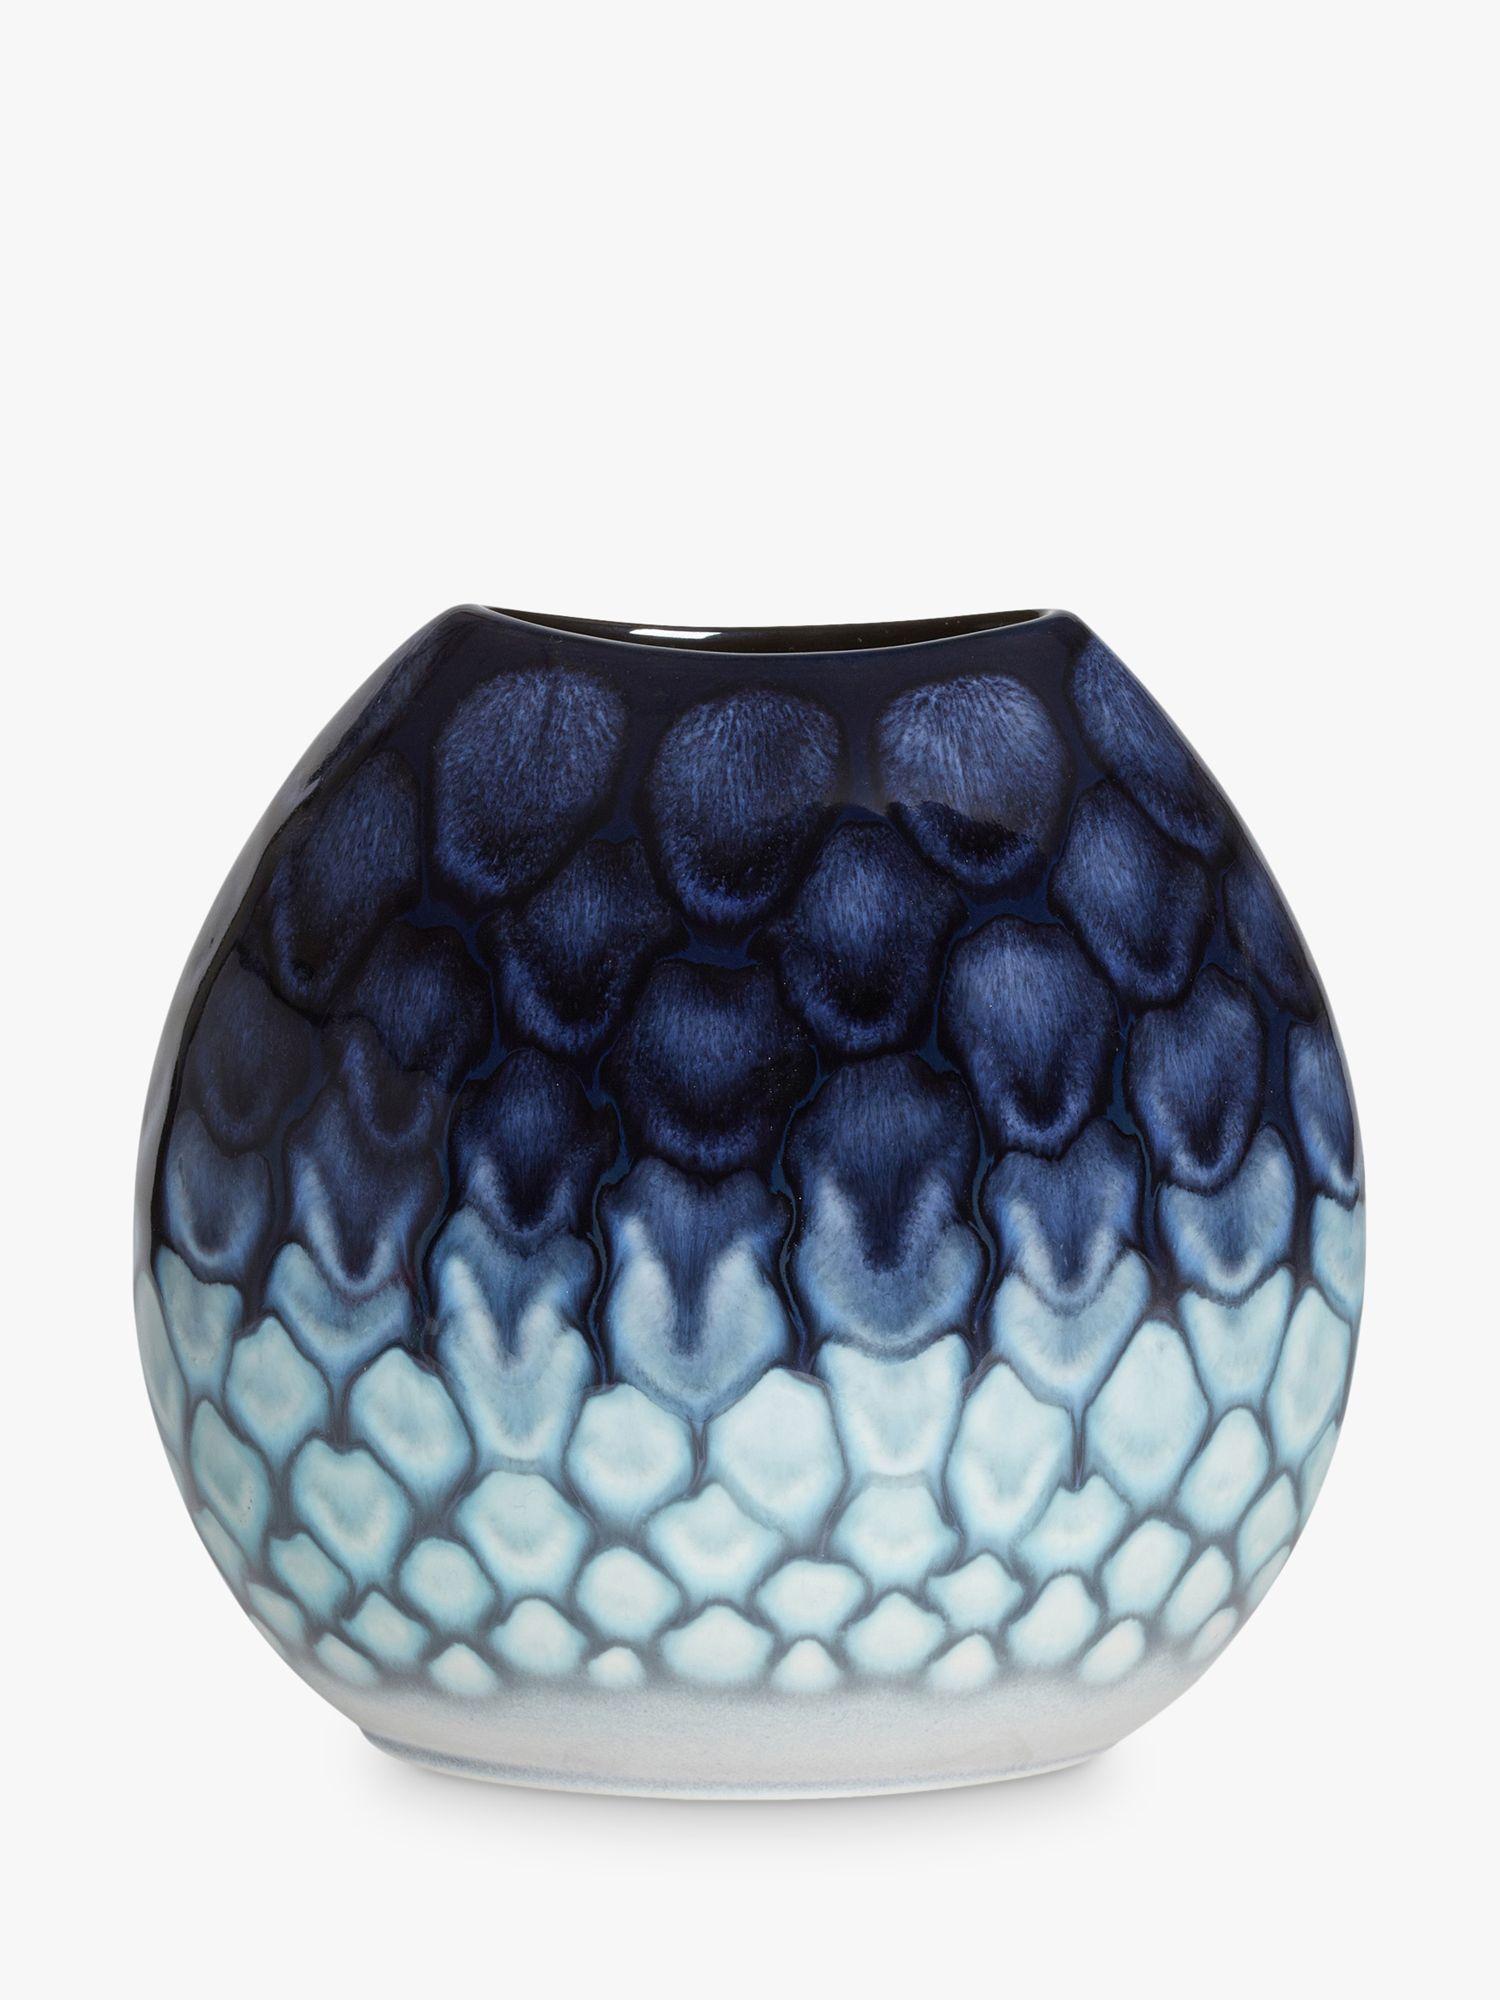 Poole Pottery Poole Pottery Ocean Purse Vase, H20cm